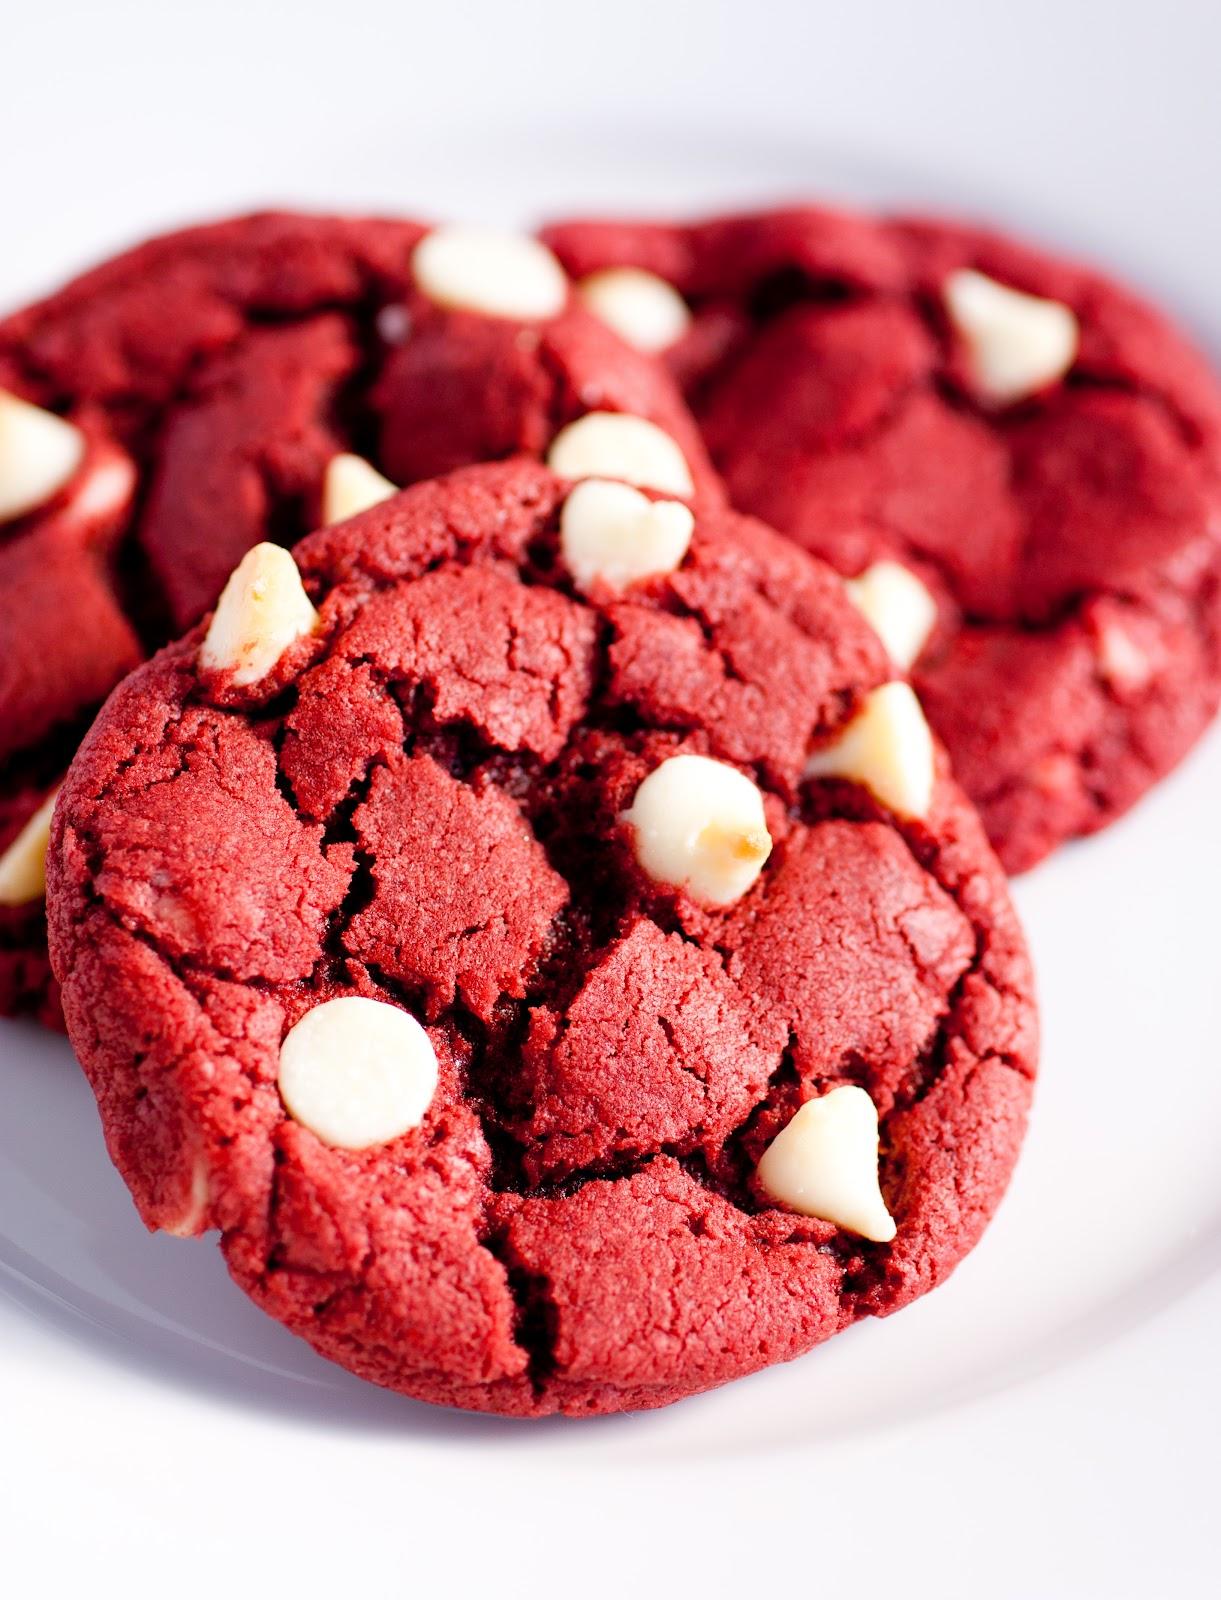 resep cookies strowbery